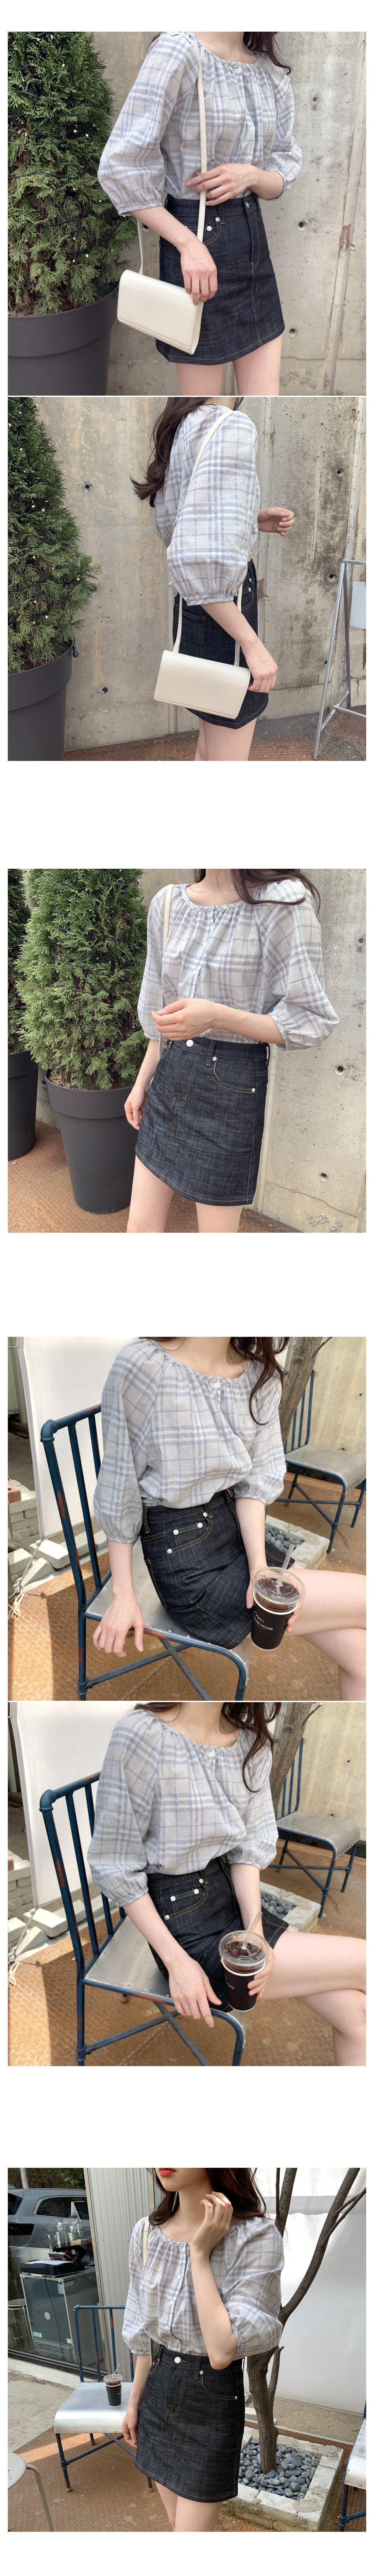 Dino Bottom Mini Skirt